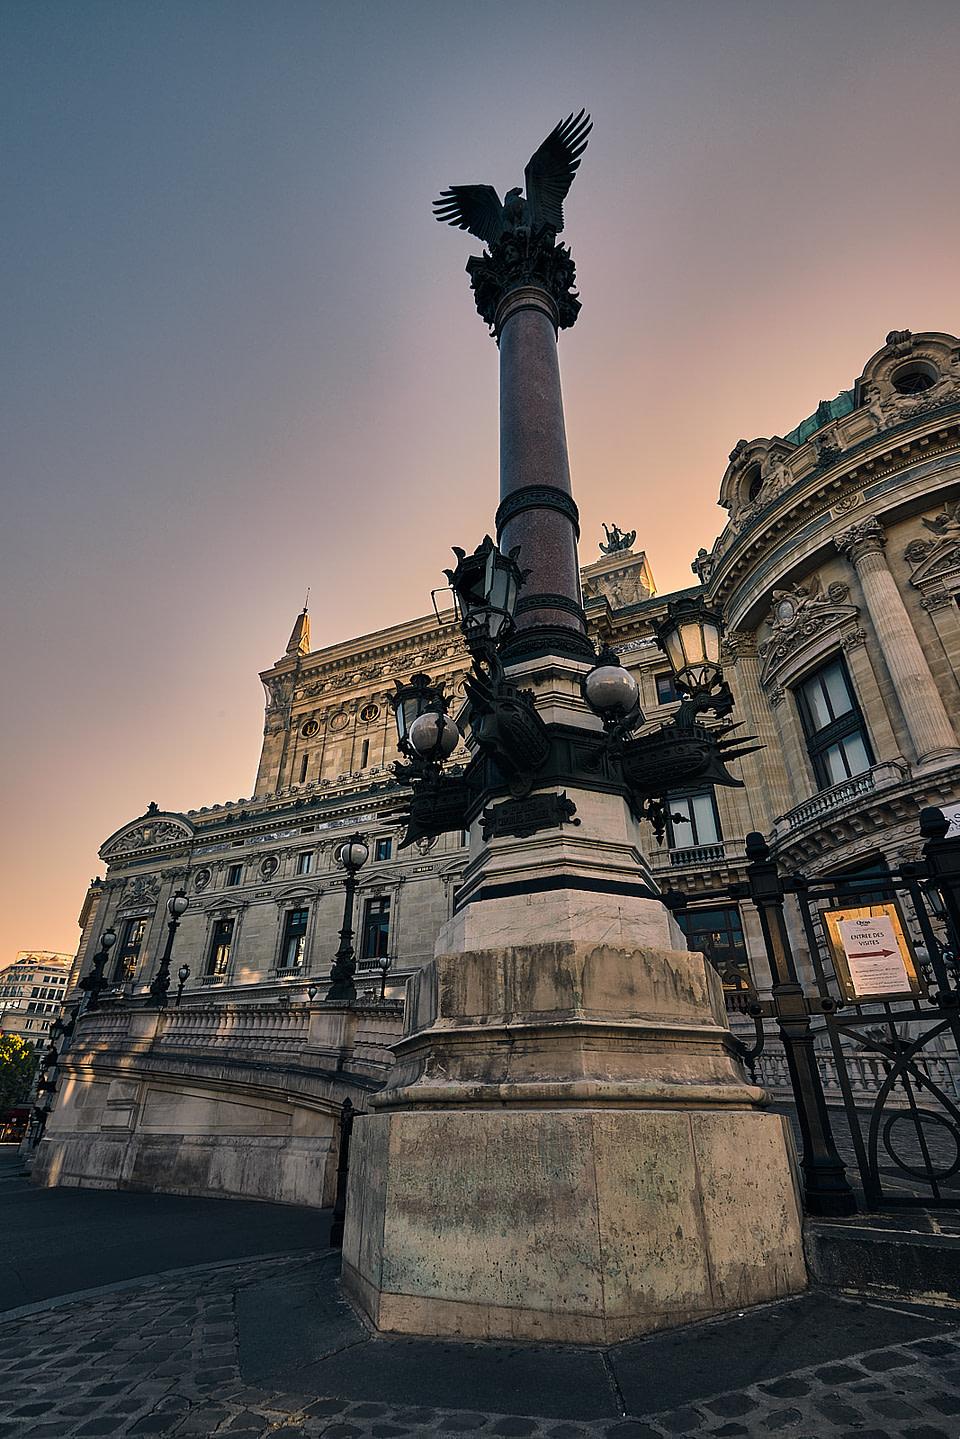 Depuis la rue Auber, le soleil se lève sur l'Opéra Garnier derriere une colonne qui porte un aigle impérial